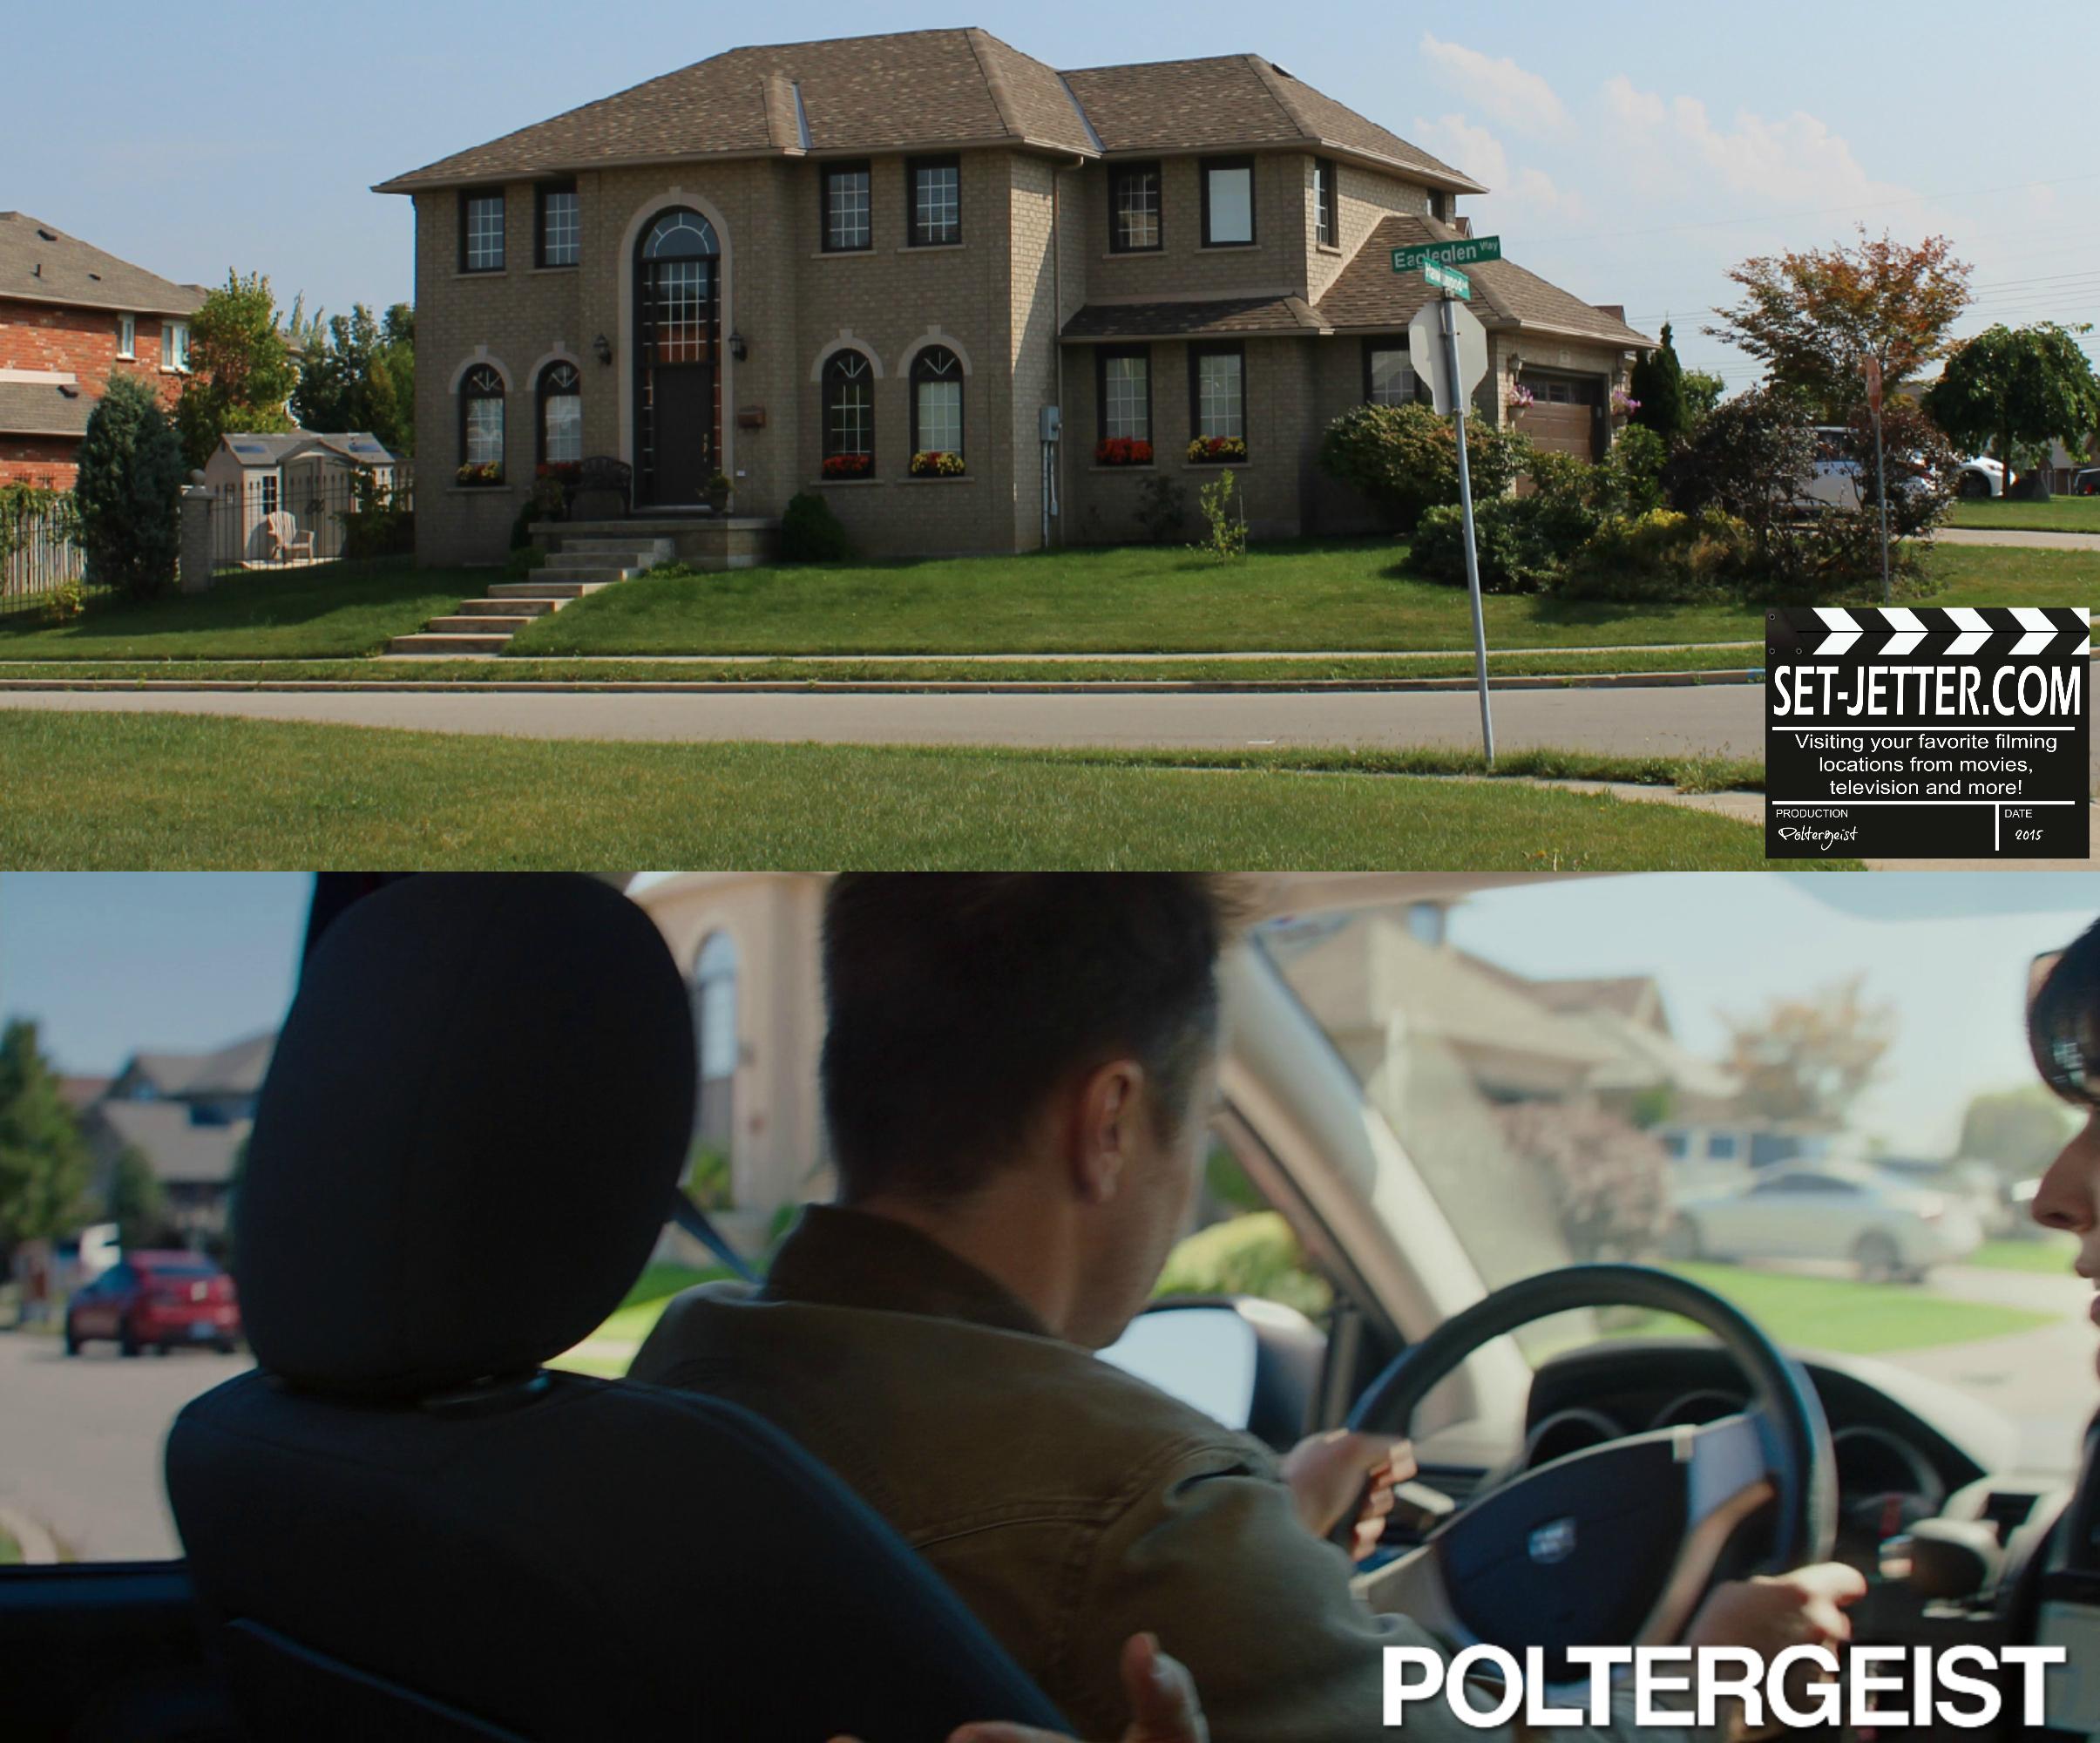 Poltergeist comparison 04.jpg